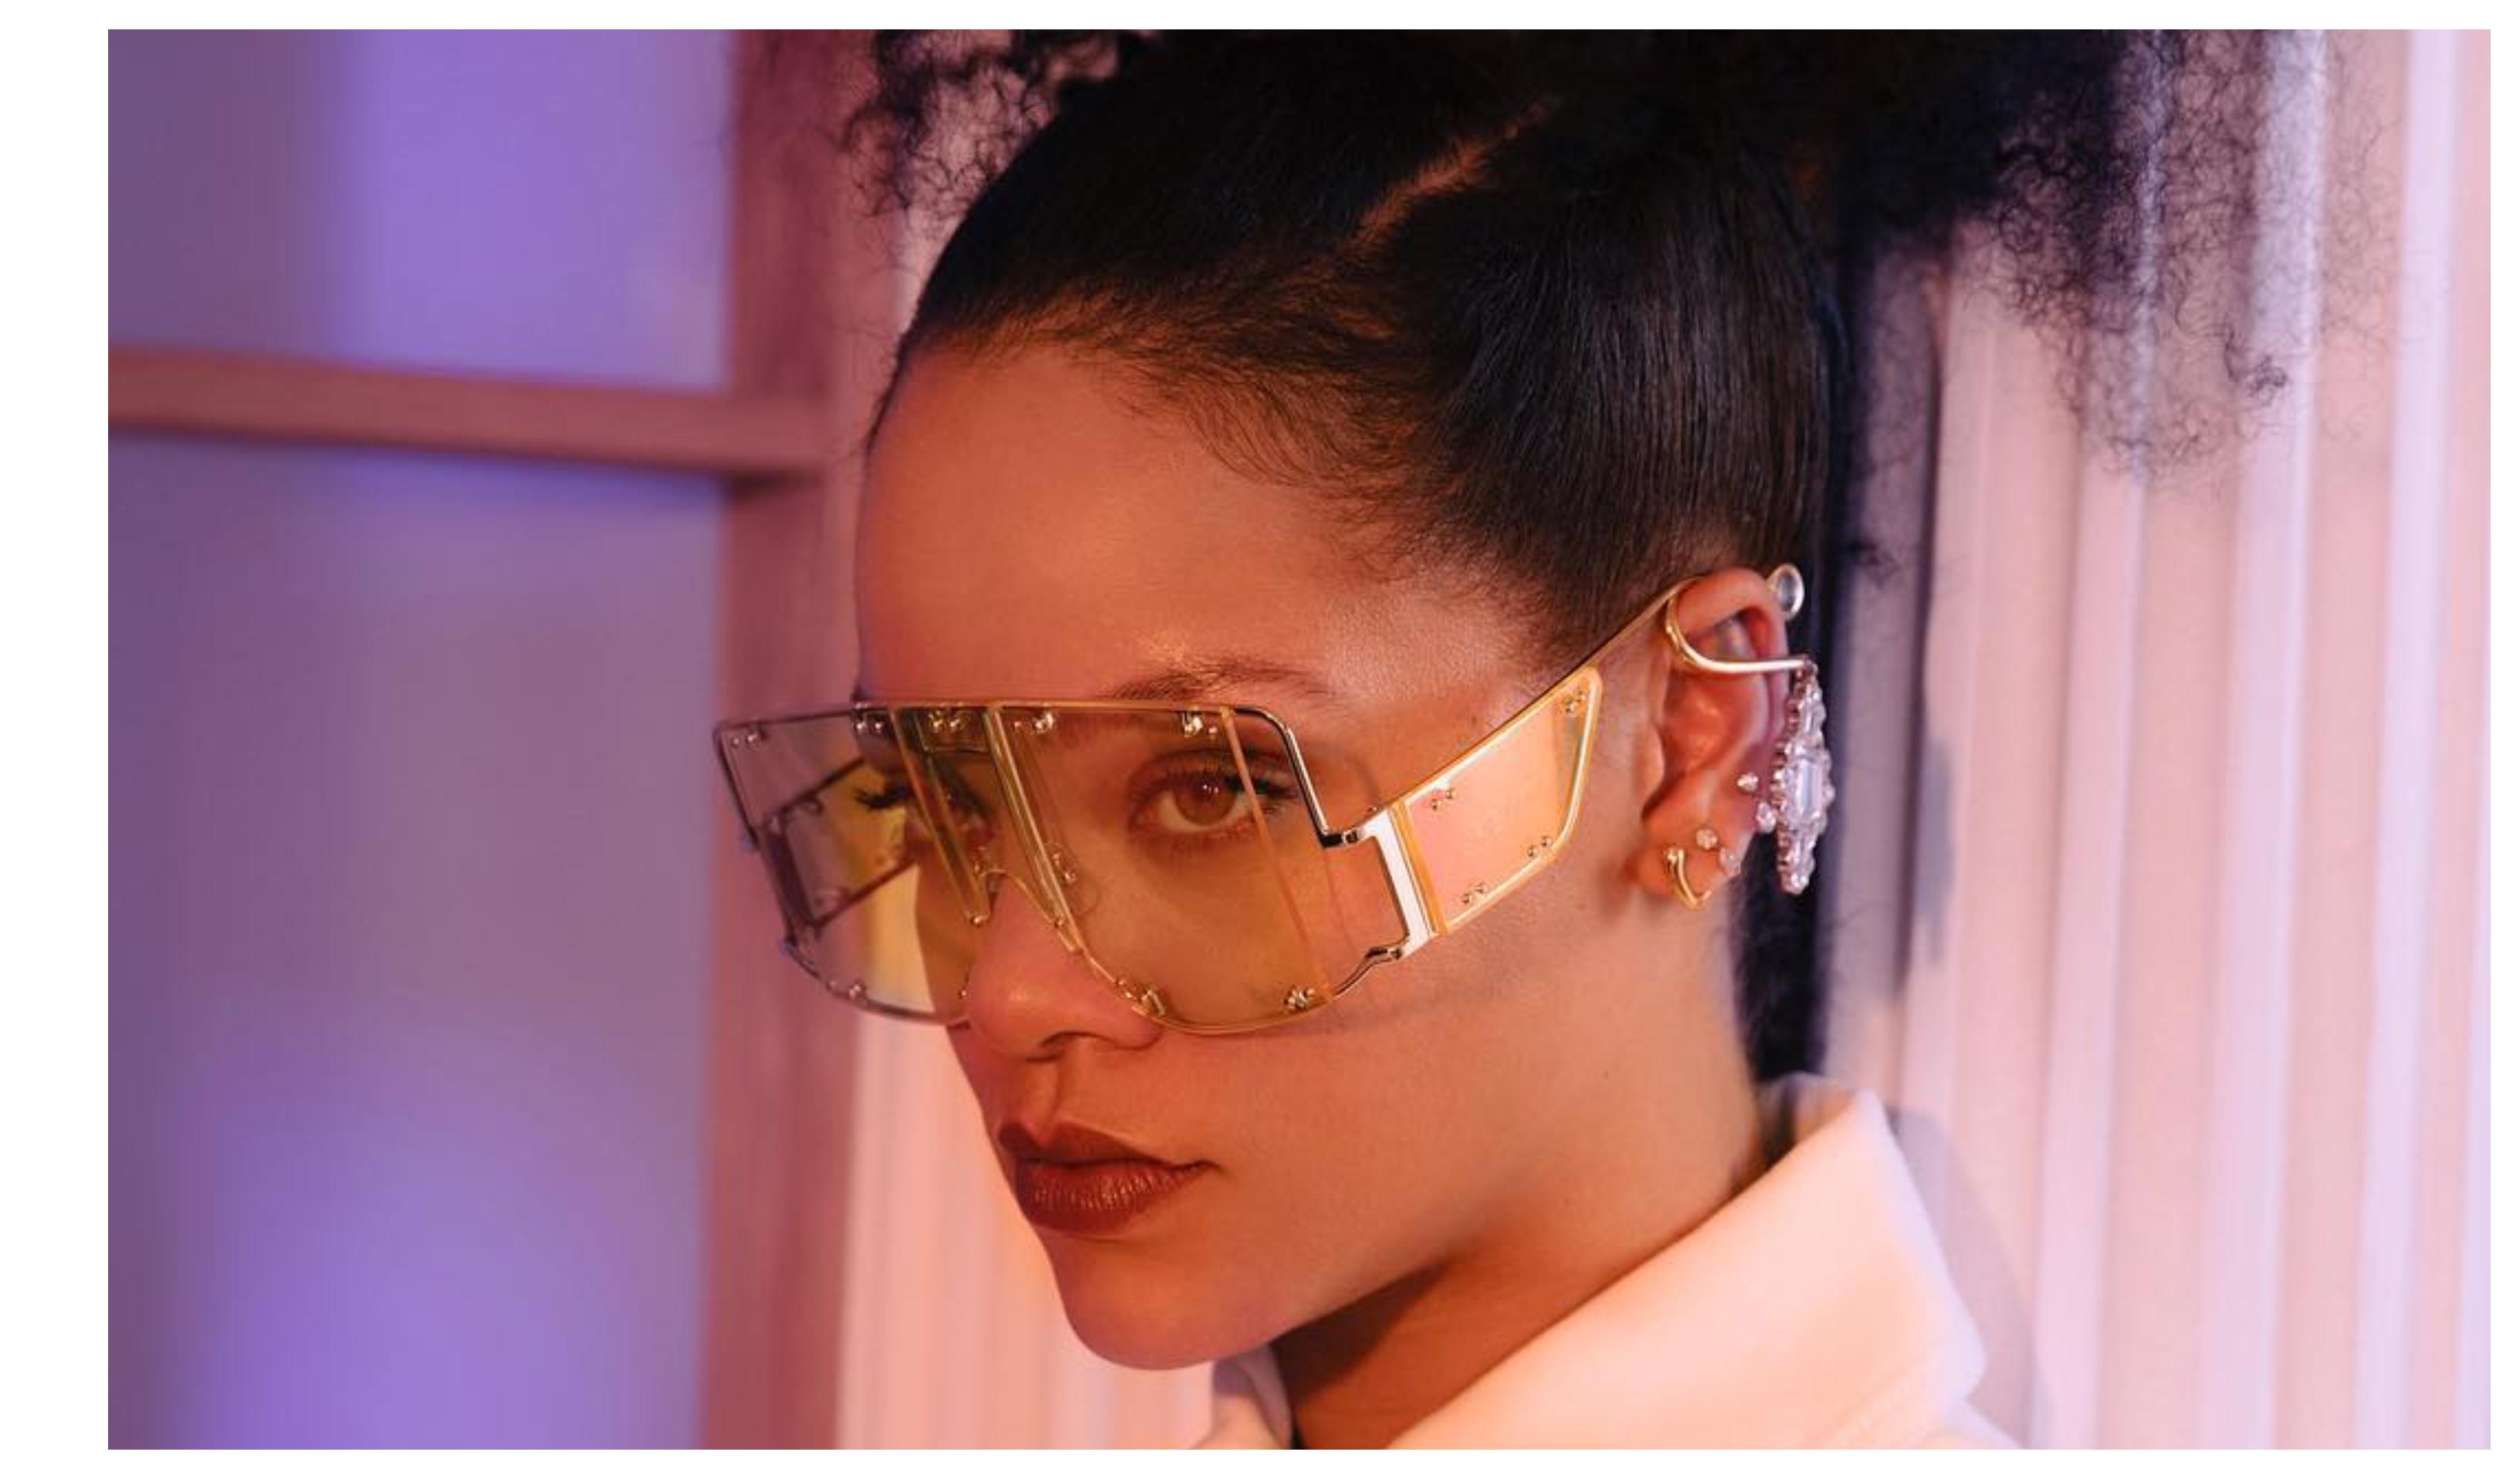 047f3e3dde99 A artista, de 31 anos, que oficializou a criação da sua marca com o grupo  LVMH – que também é dono de marcas como Louis Vuitton, Dior, Givenchy,  Fendi, ...